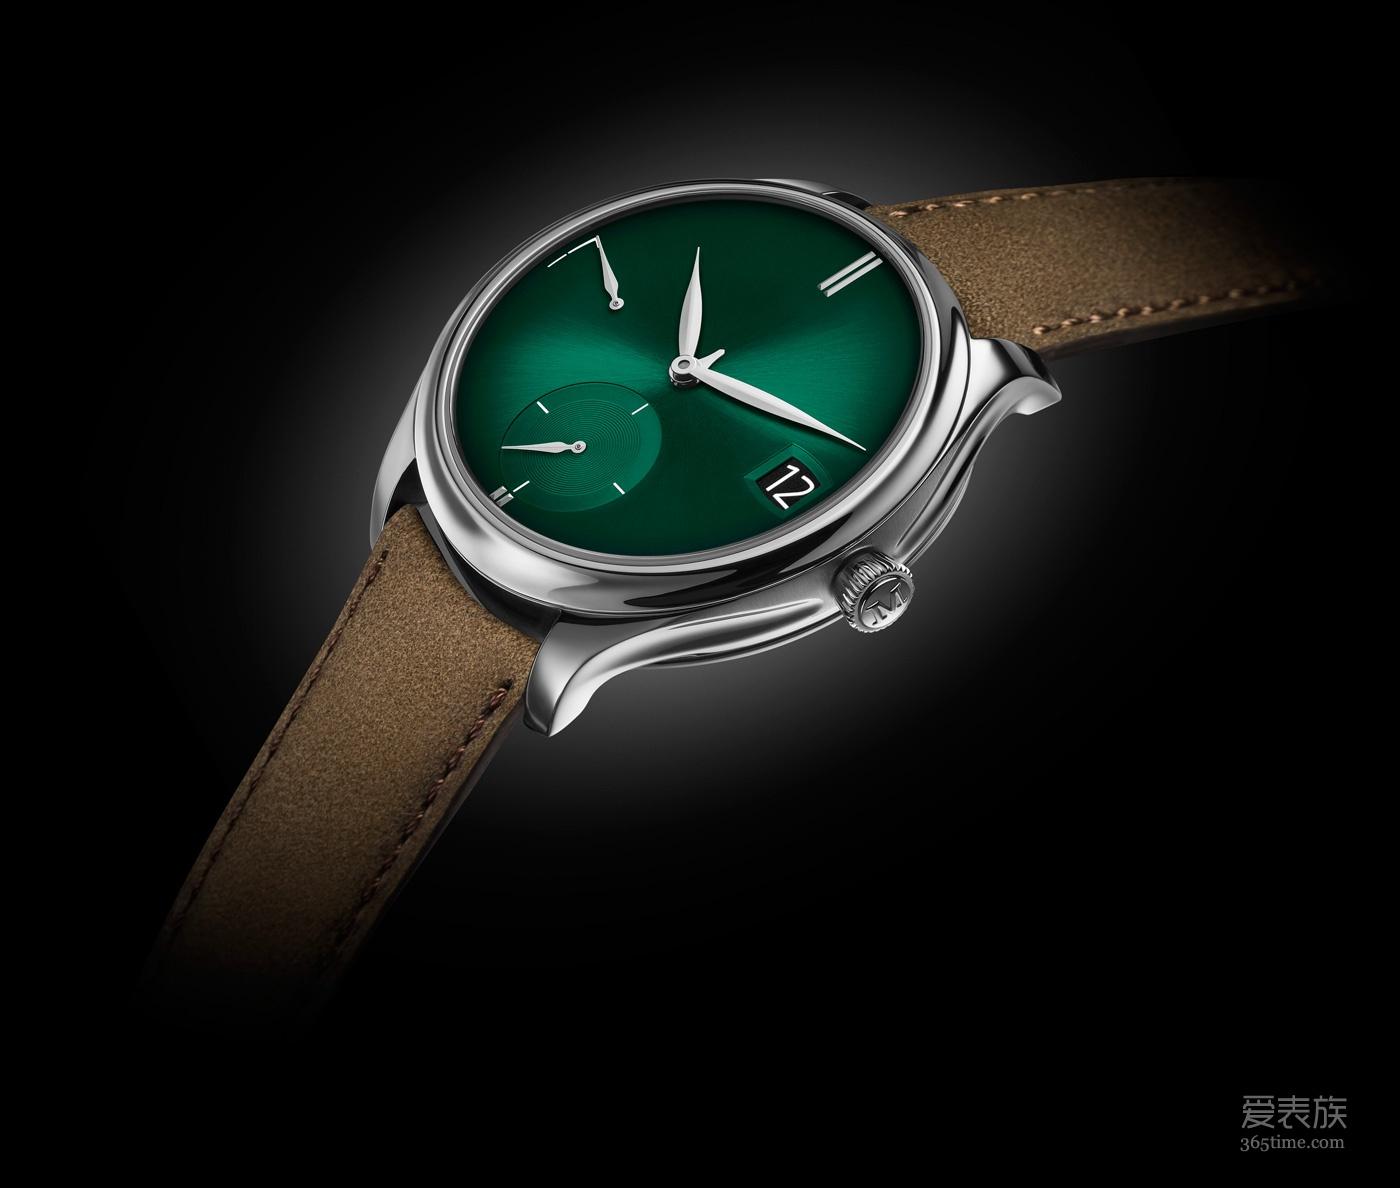 简洁、惊艳、低调、纯正:H. MOSER & CIE. 亨利慕时勇创者万年历PURITY宇宙绿腕表